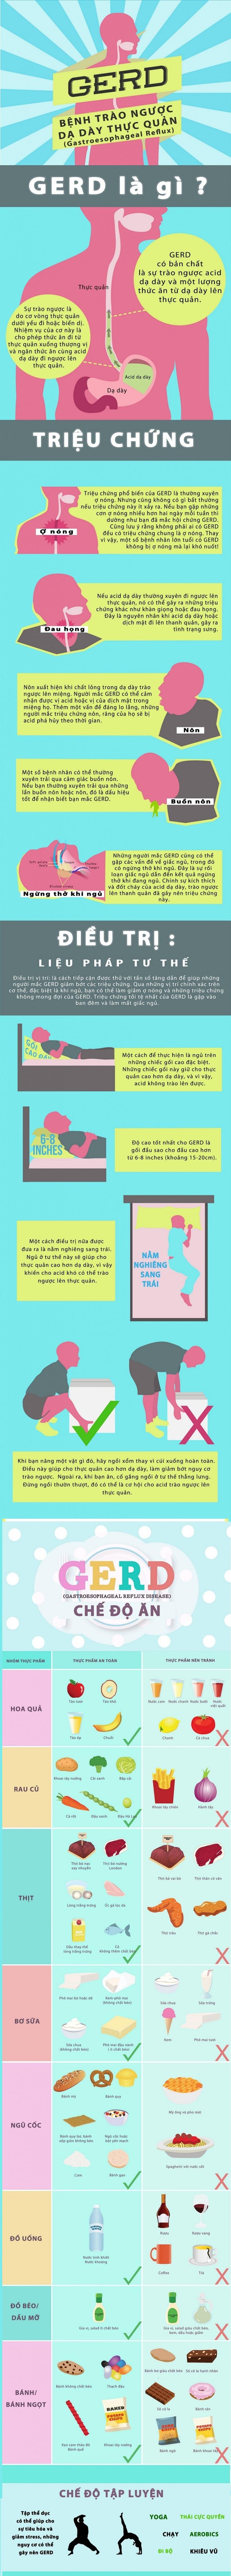 [Infographic] Bệnh trào ngược dạ dày thực quản 1